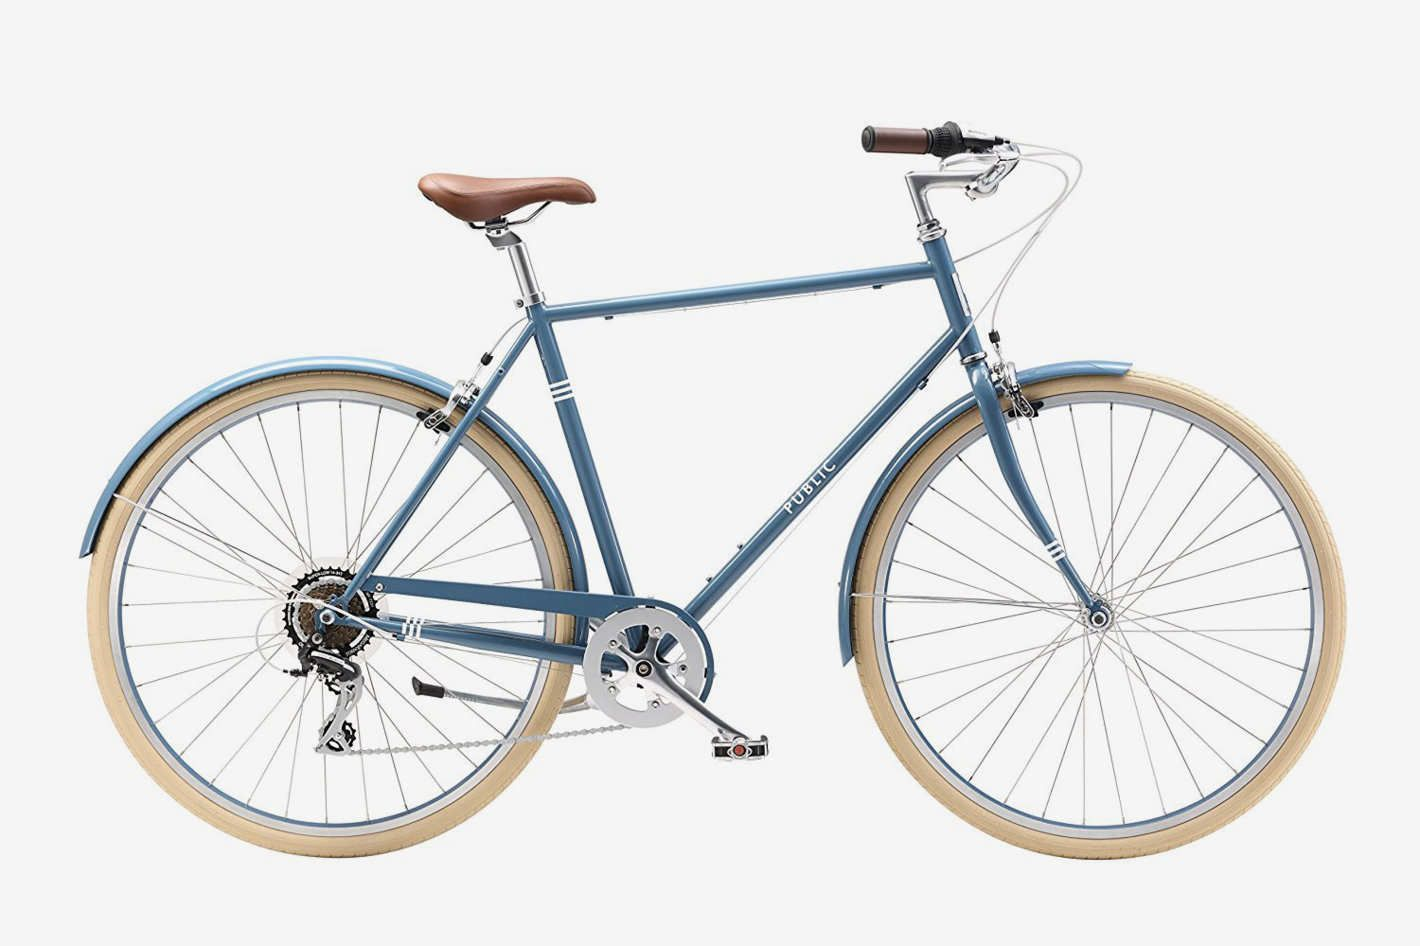 Gunstige Urban Bikes Mit Zahnriemen Die Amsterdam Elite M 2 Serie